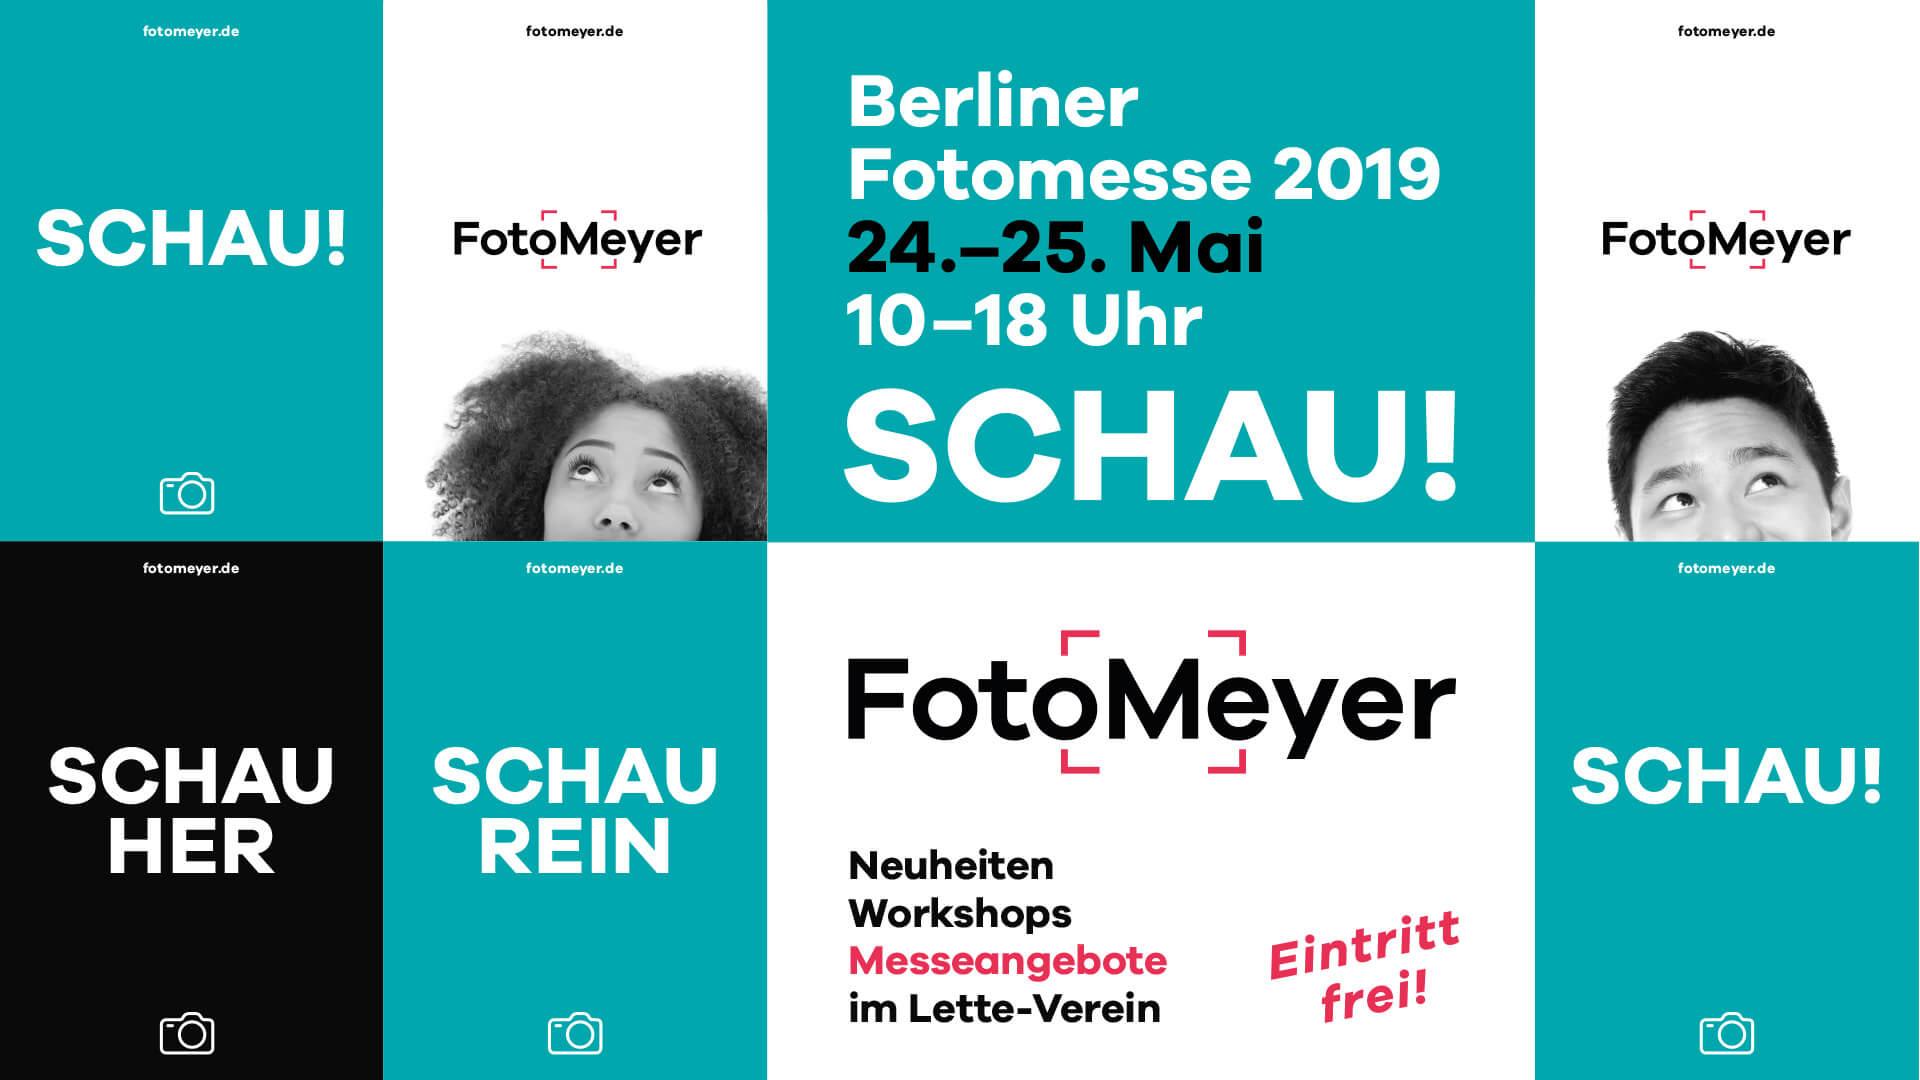 FOTOMESSE-BERLIN-SCHAU2019